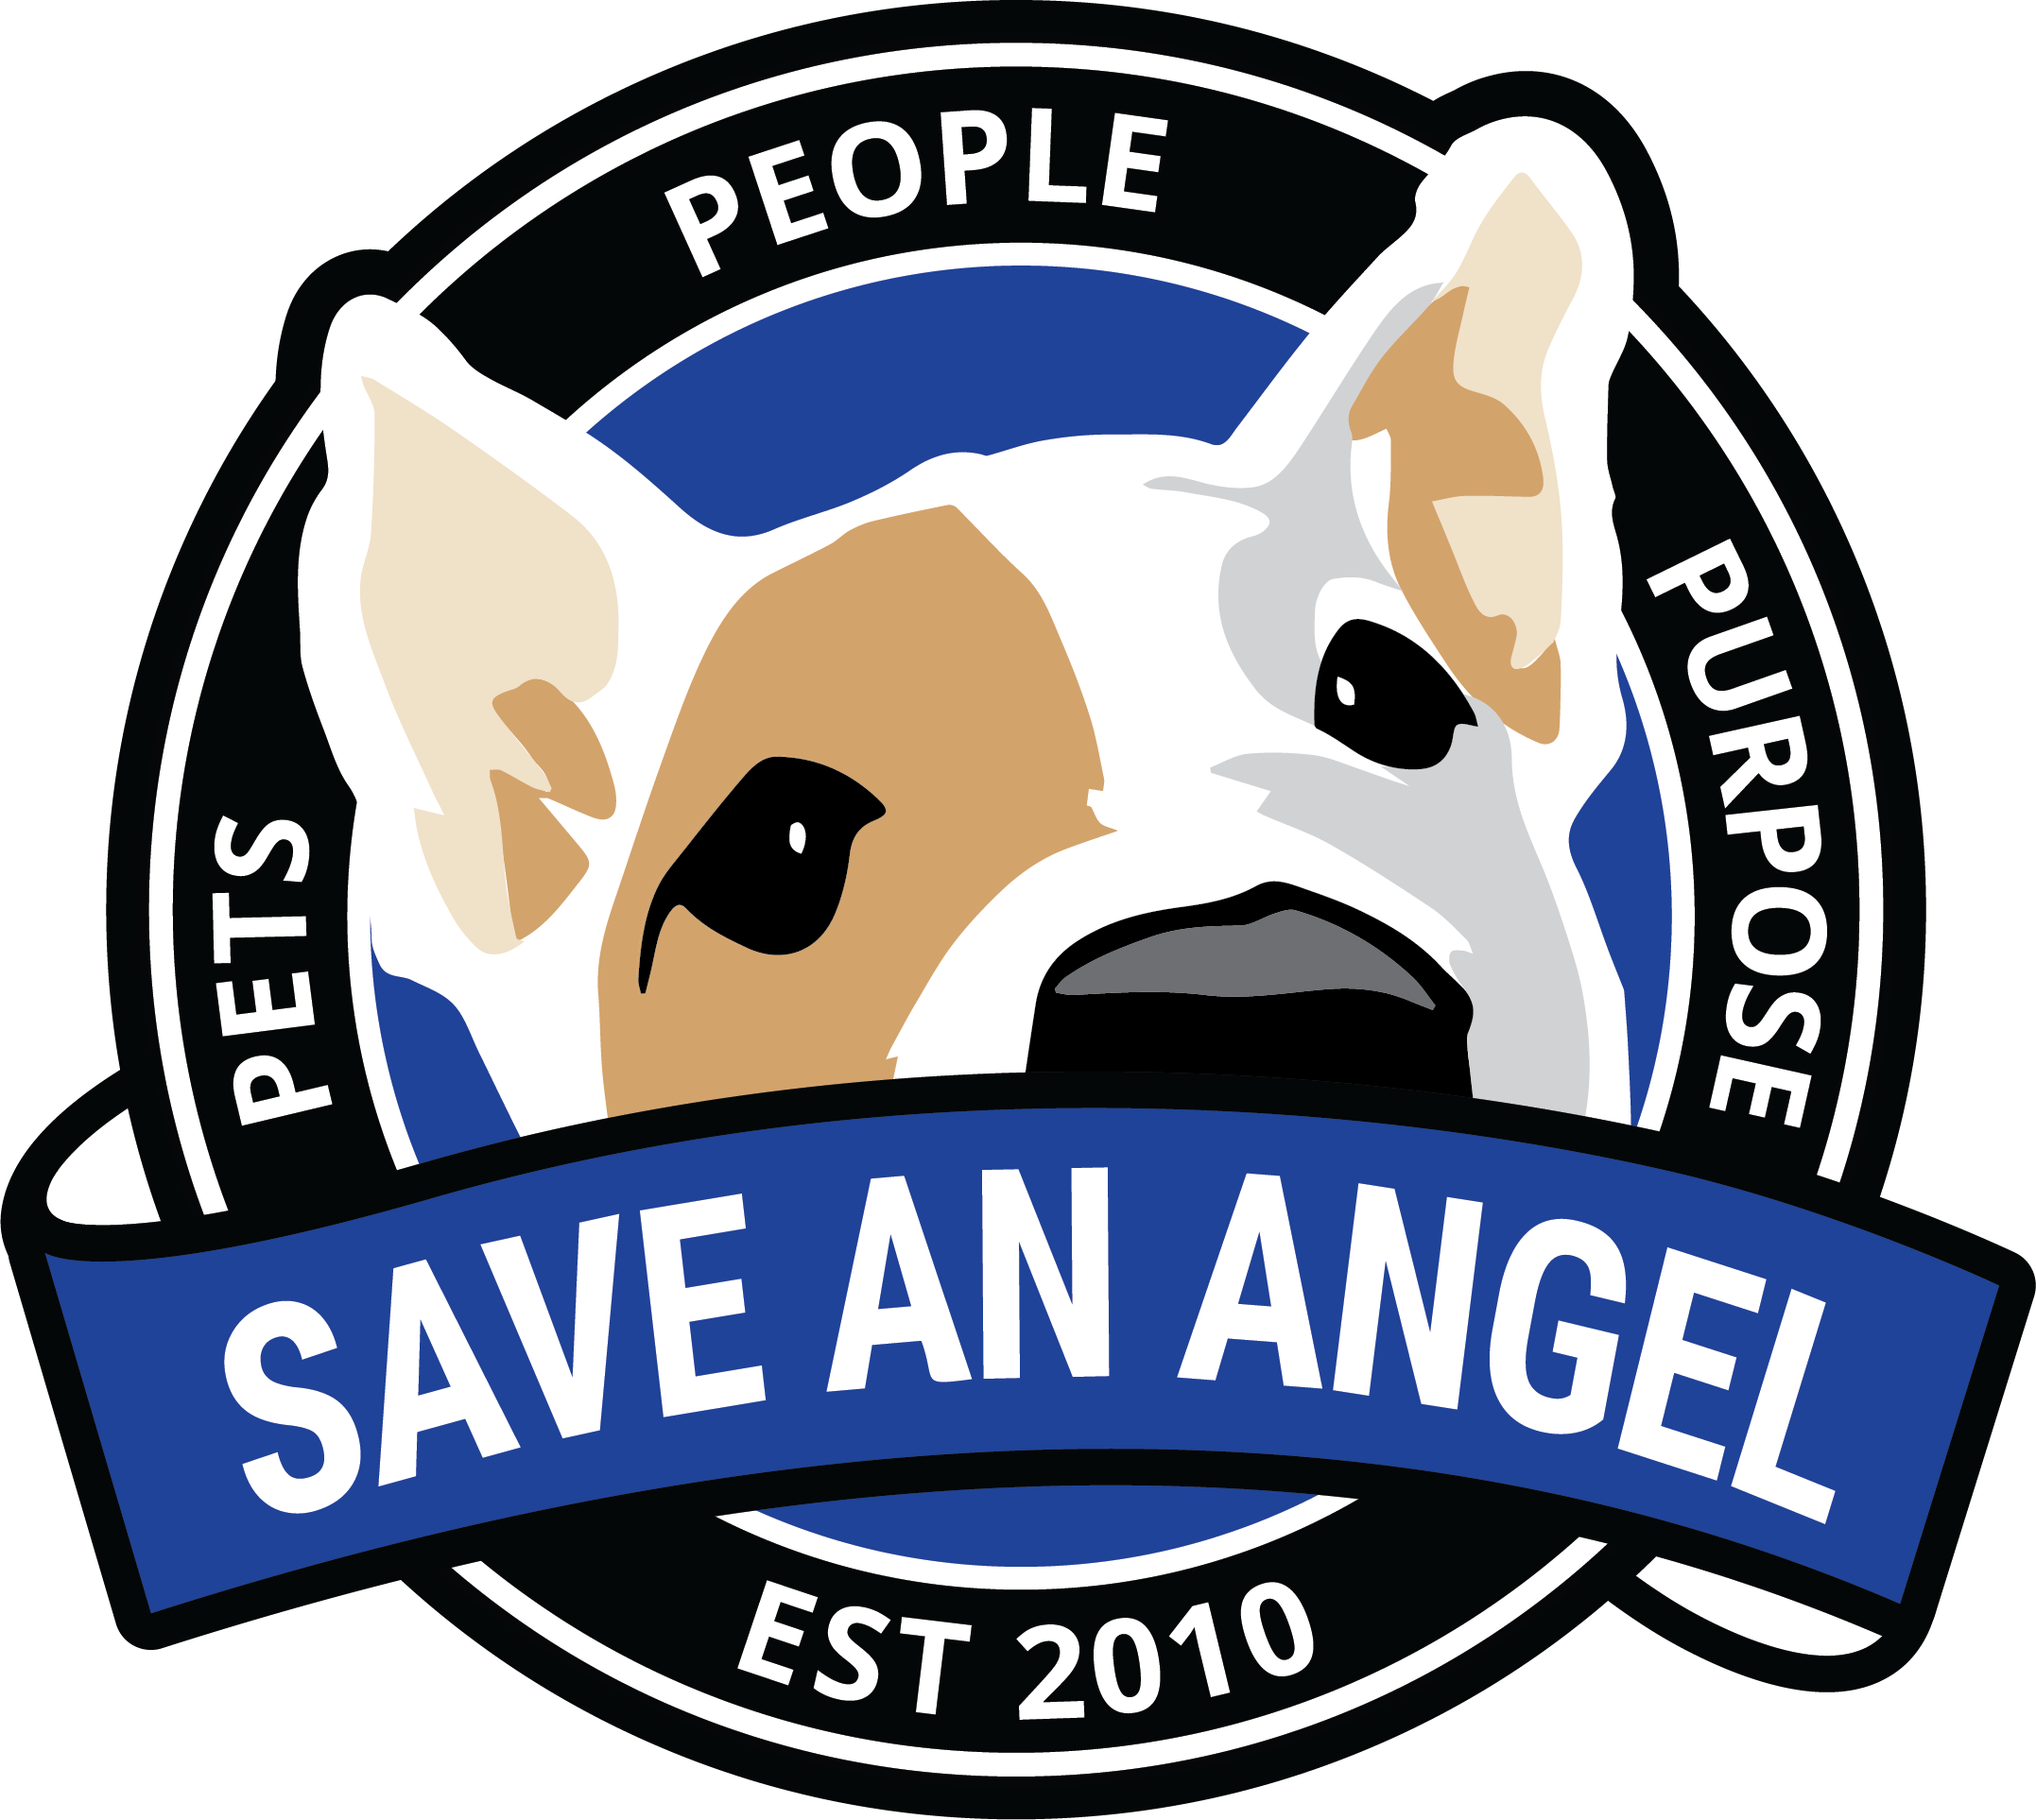 Save An Angel